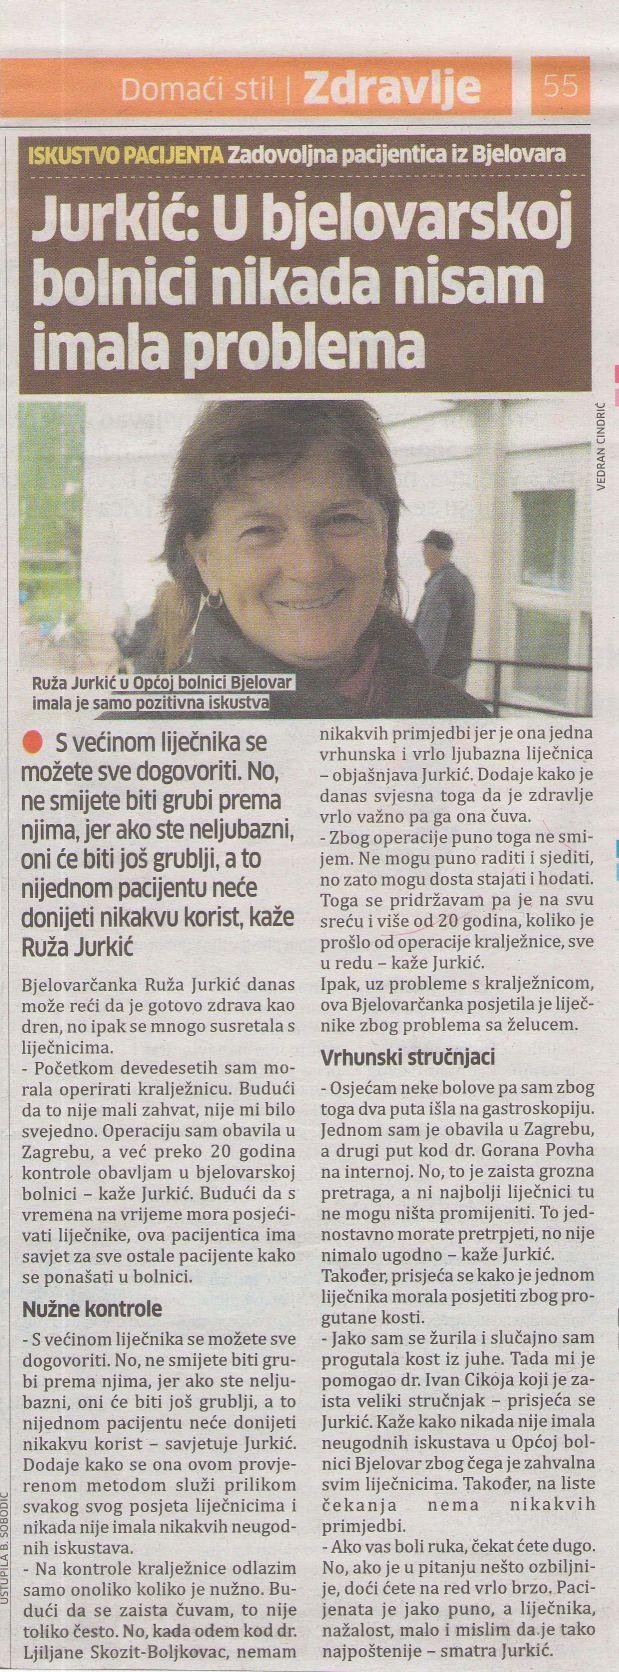 OBBJ-BjelovarskiListIskustvoPacijenta-Jurkic